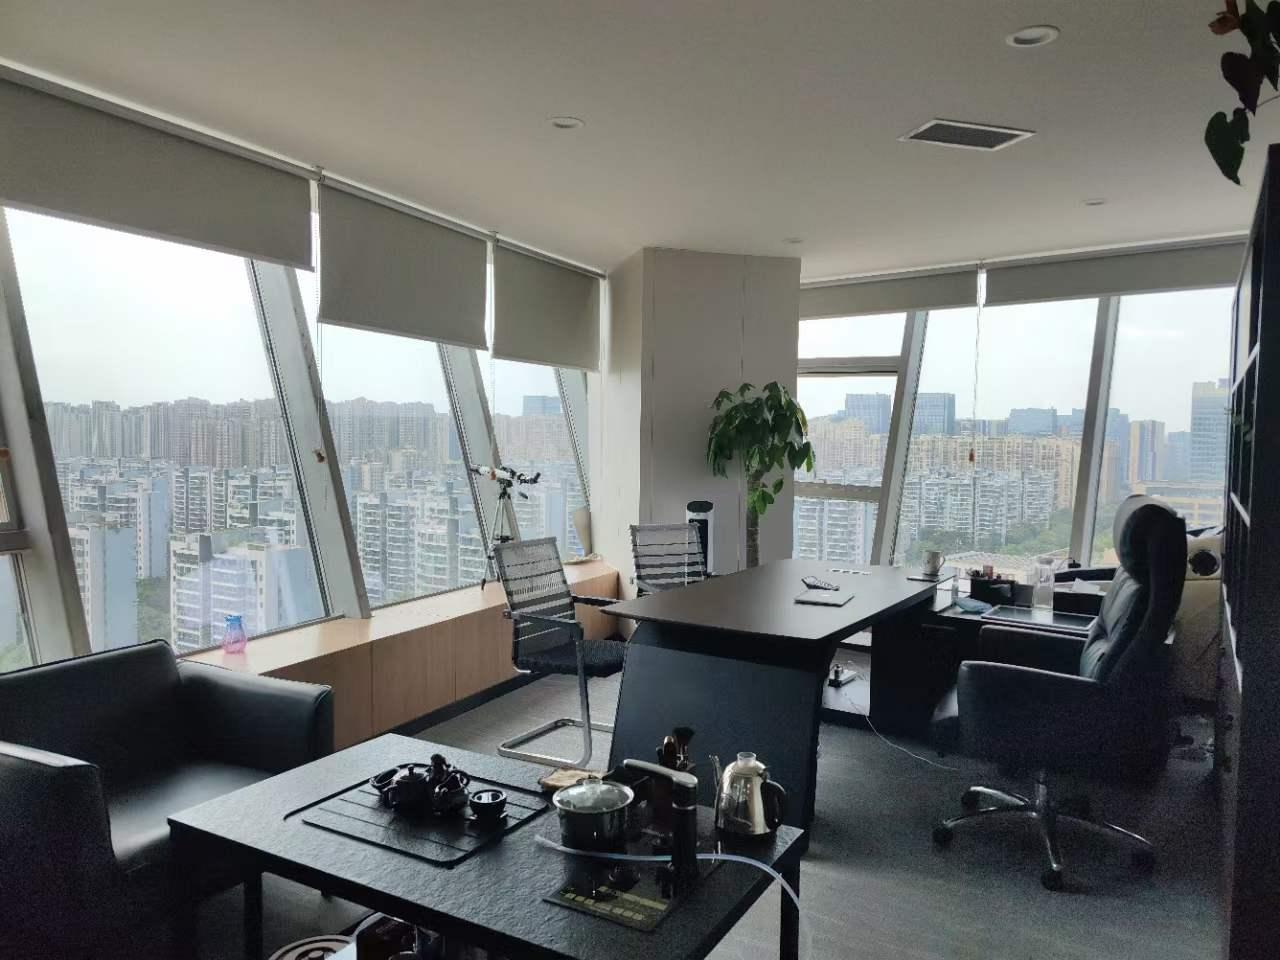 环球中心北区 450平米 全套带家具 8隔间46工位